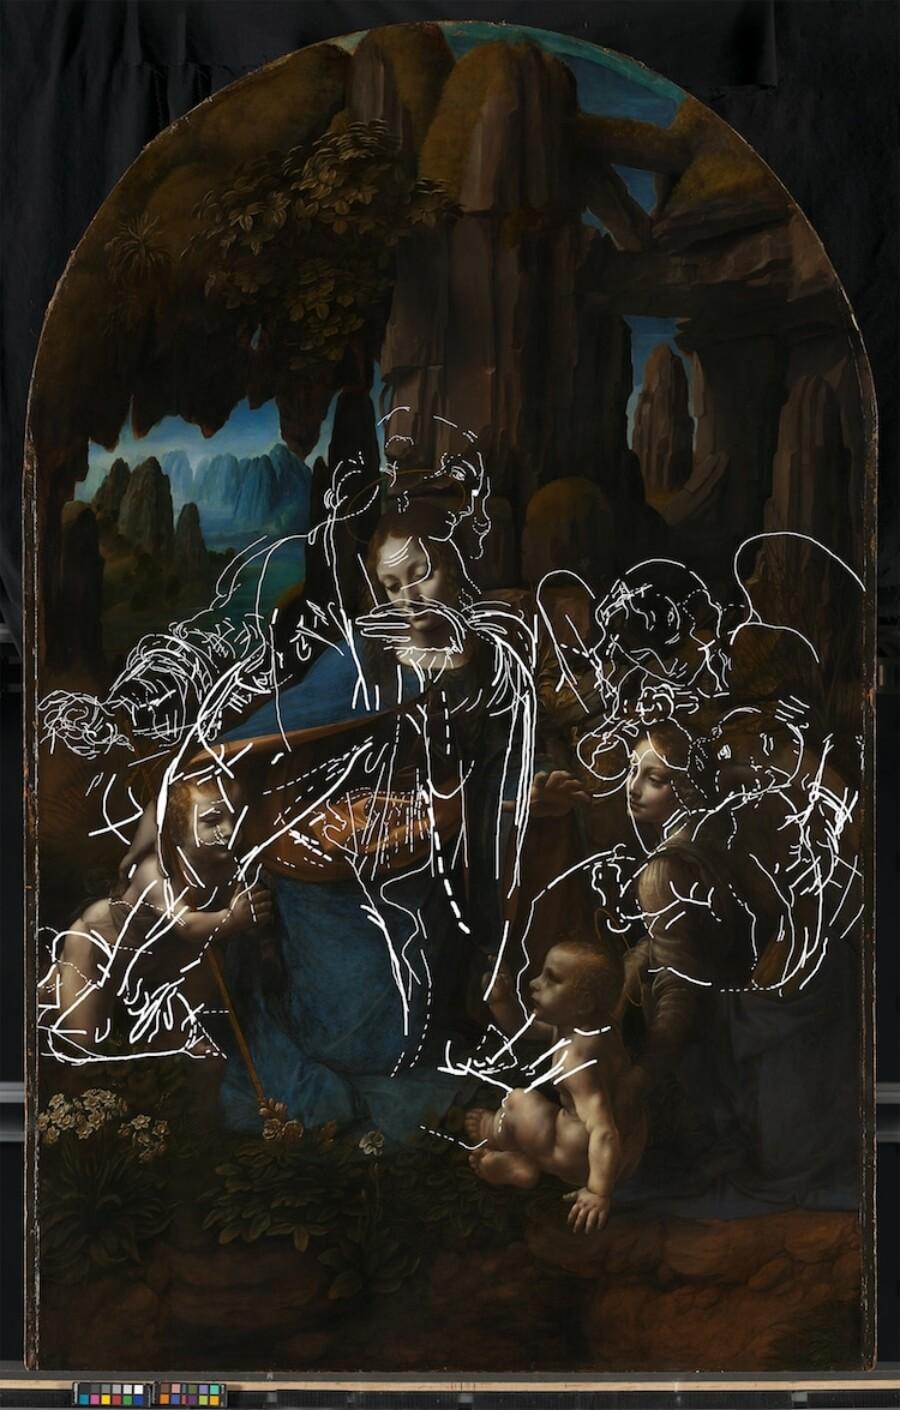 Bocetos de La Virgen de las Rocas de Da Vinci